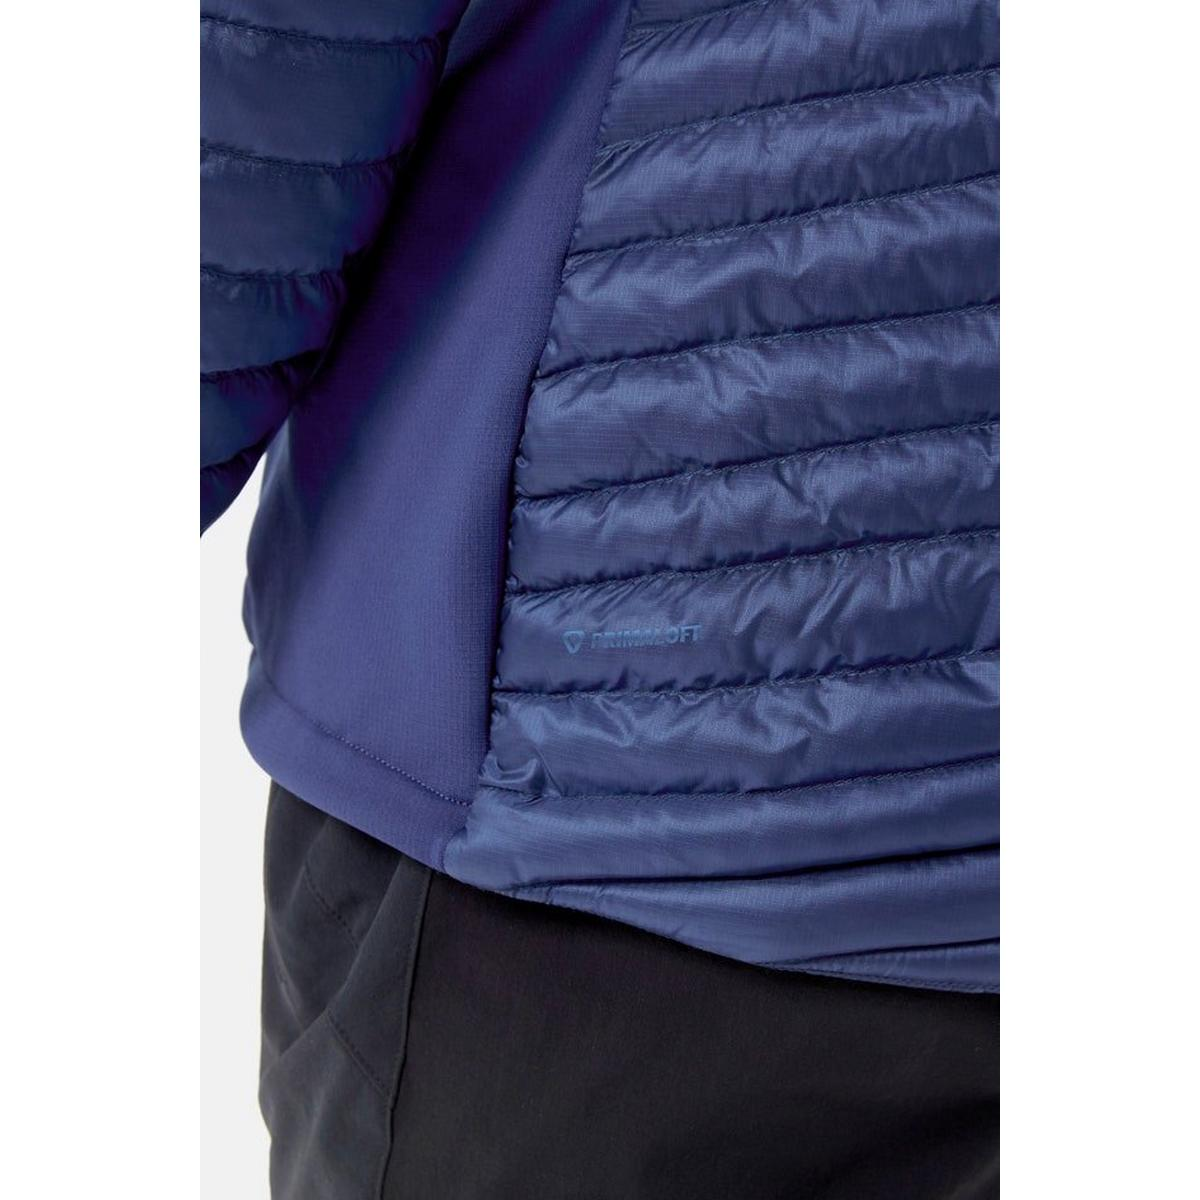 Rab Men's Cirrus Flex 2.0 Hoody - Blue